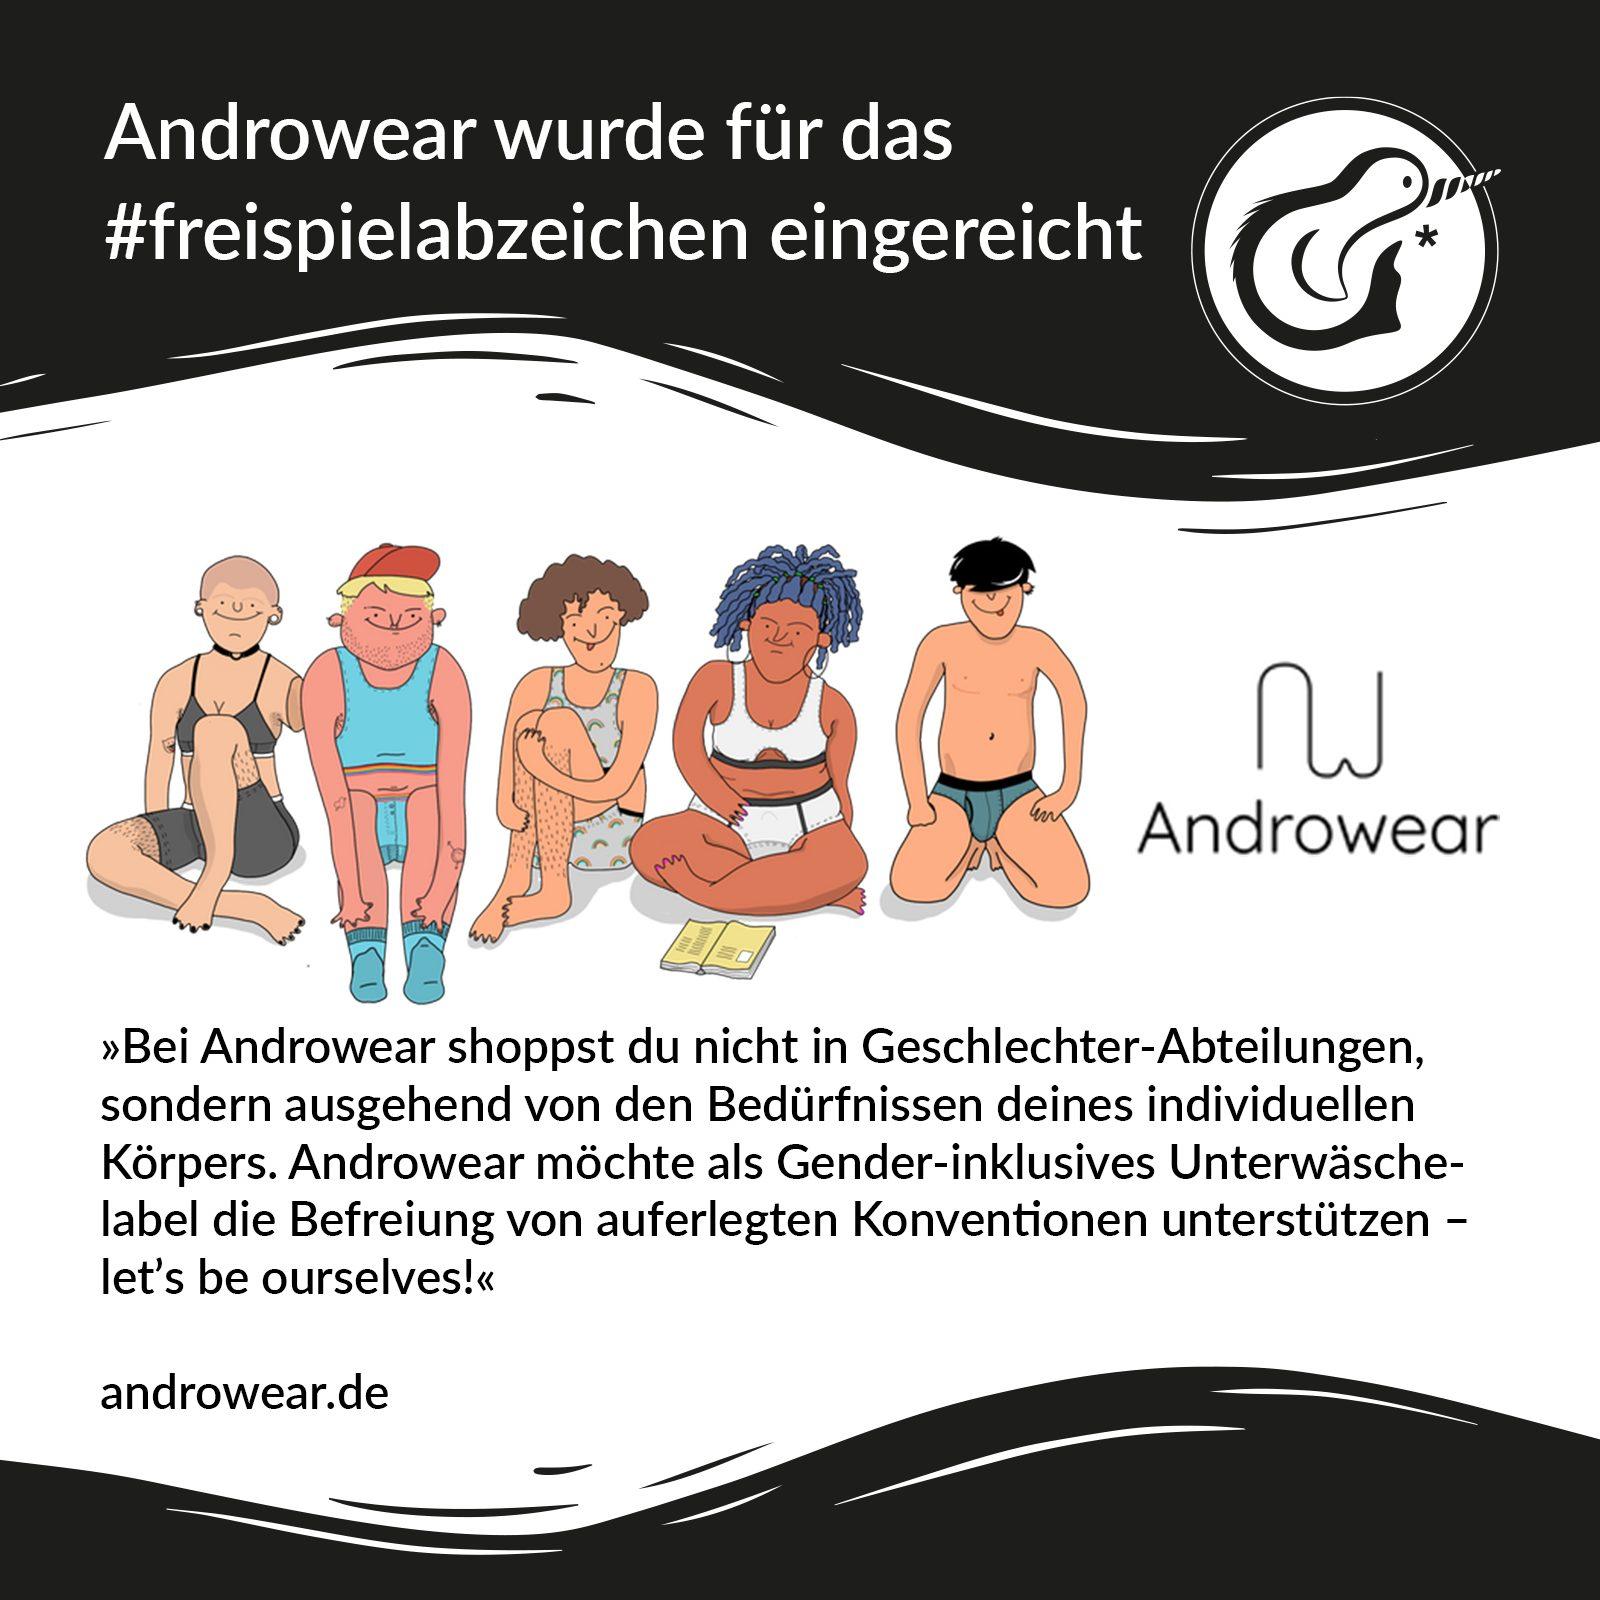 Androwear-Einreichung